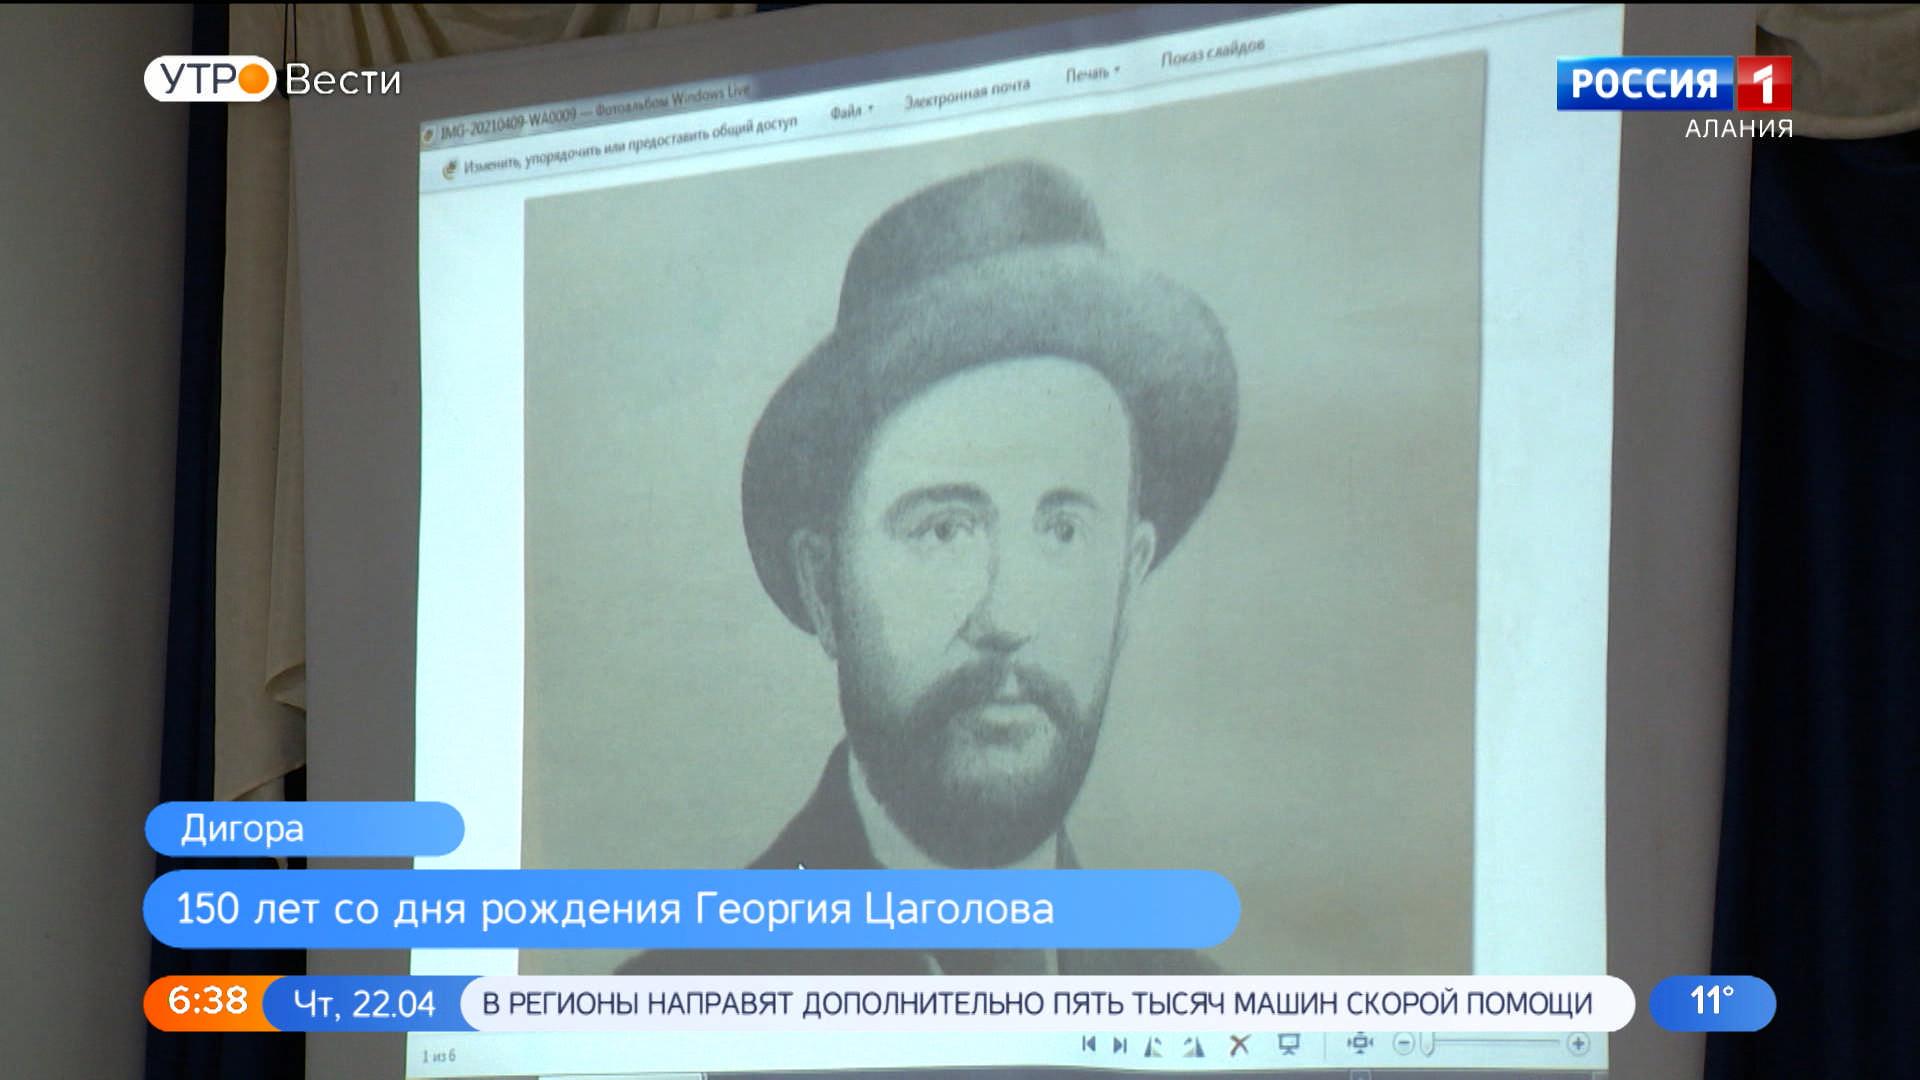 Исполнилось 150 лет со дня рождения Георгия Цаголова